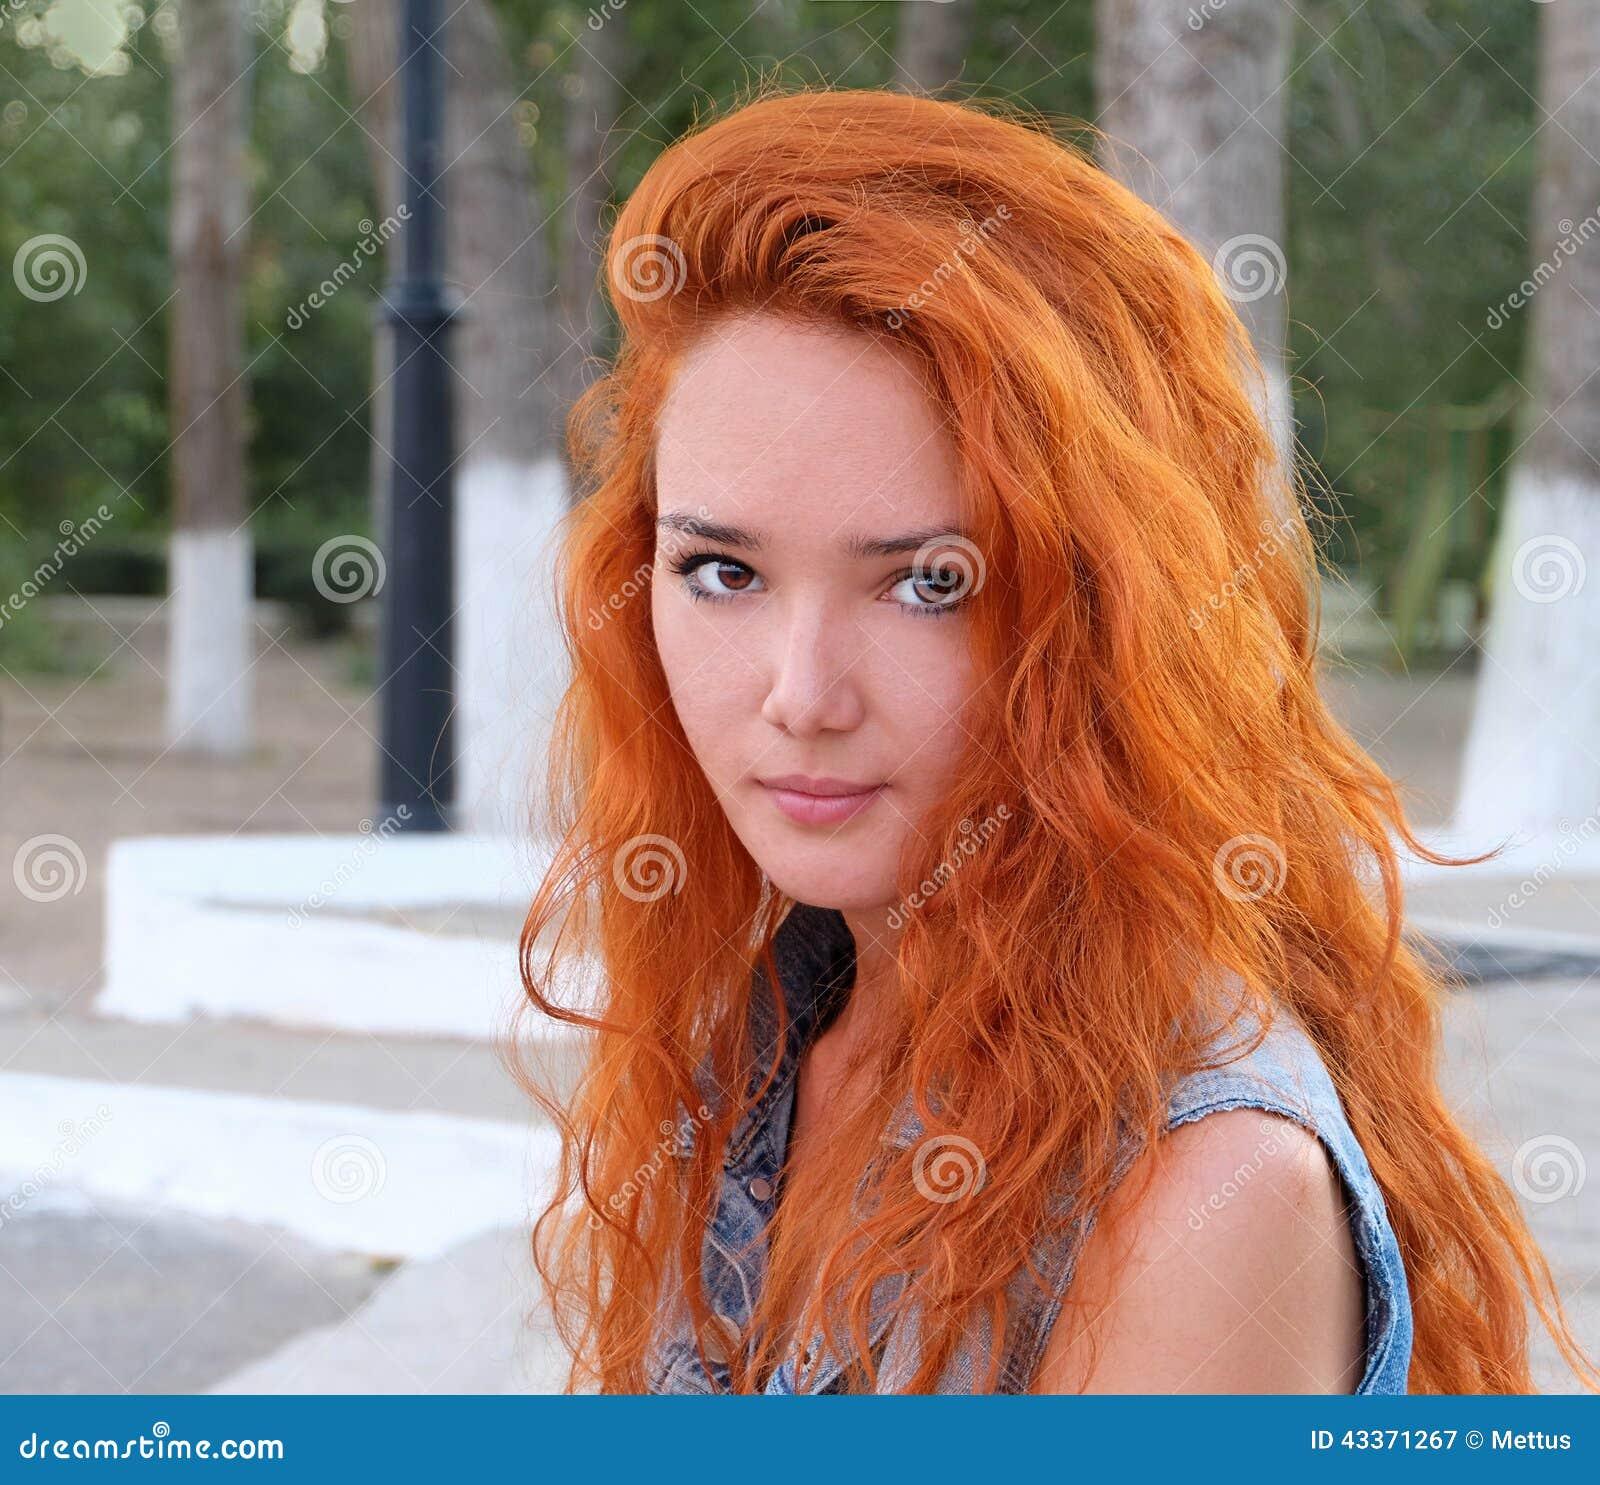 ontspannend volwassen rood haar